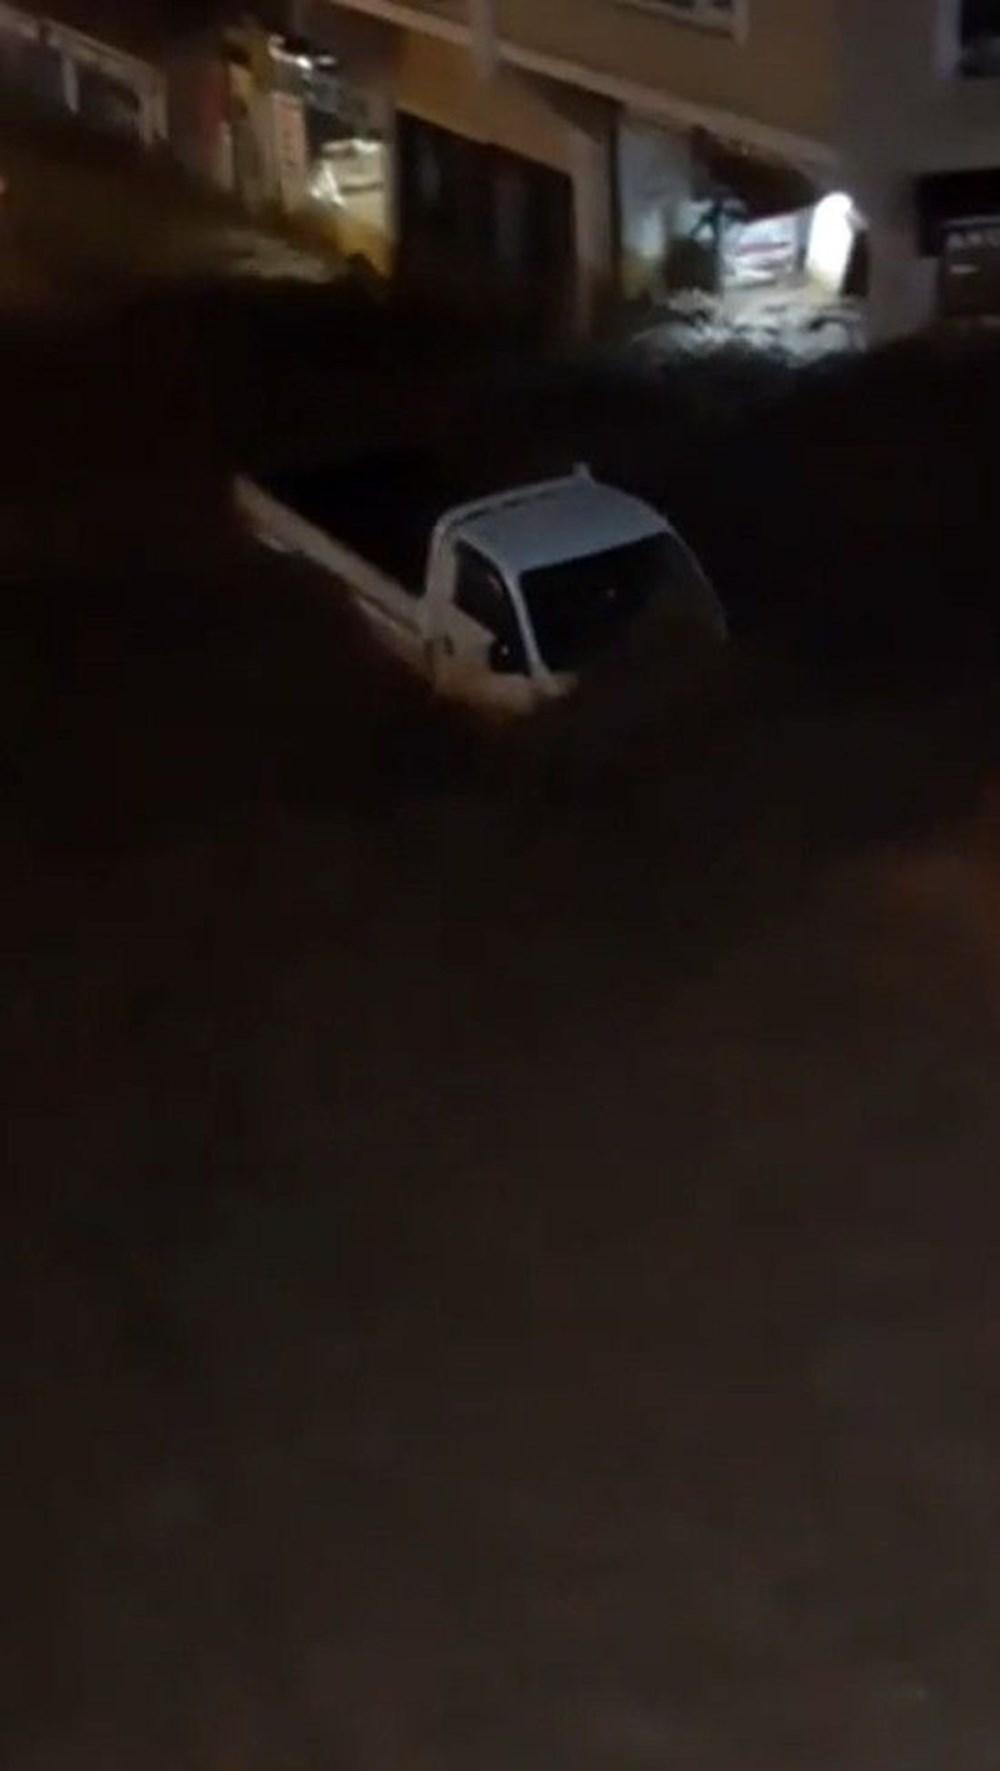 Giresun'u sel vurdu: 4 kişi hayatını kaybetti - 20